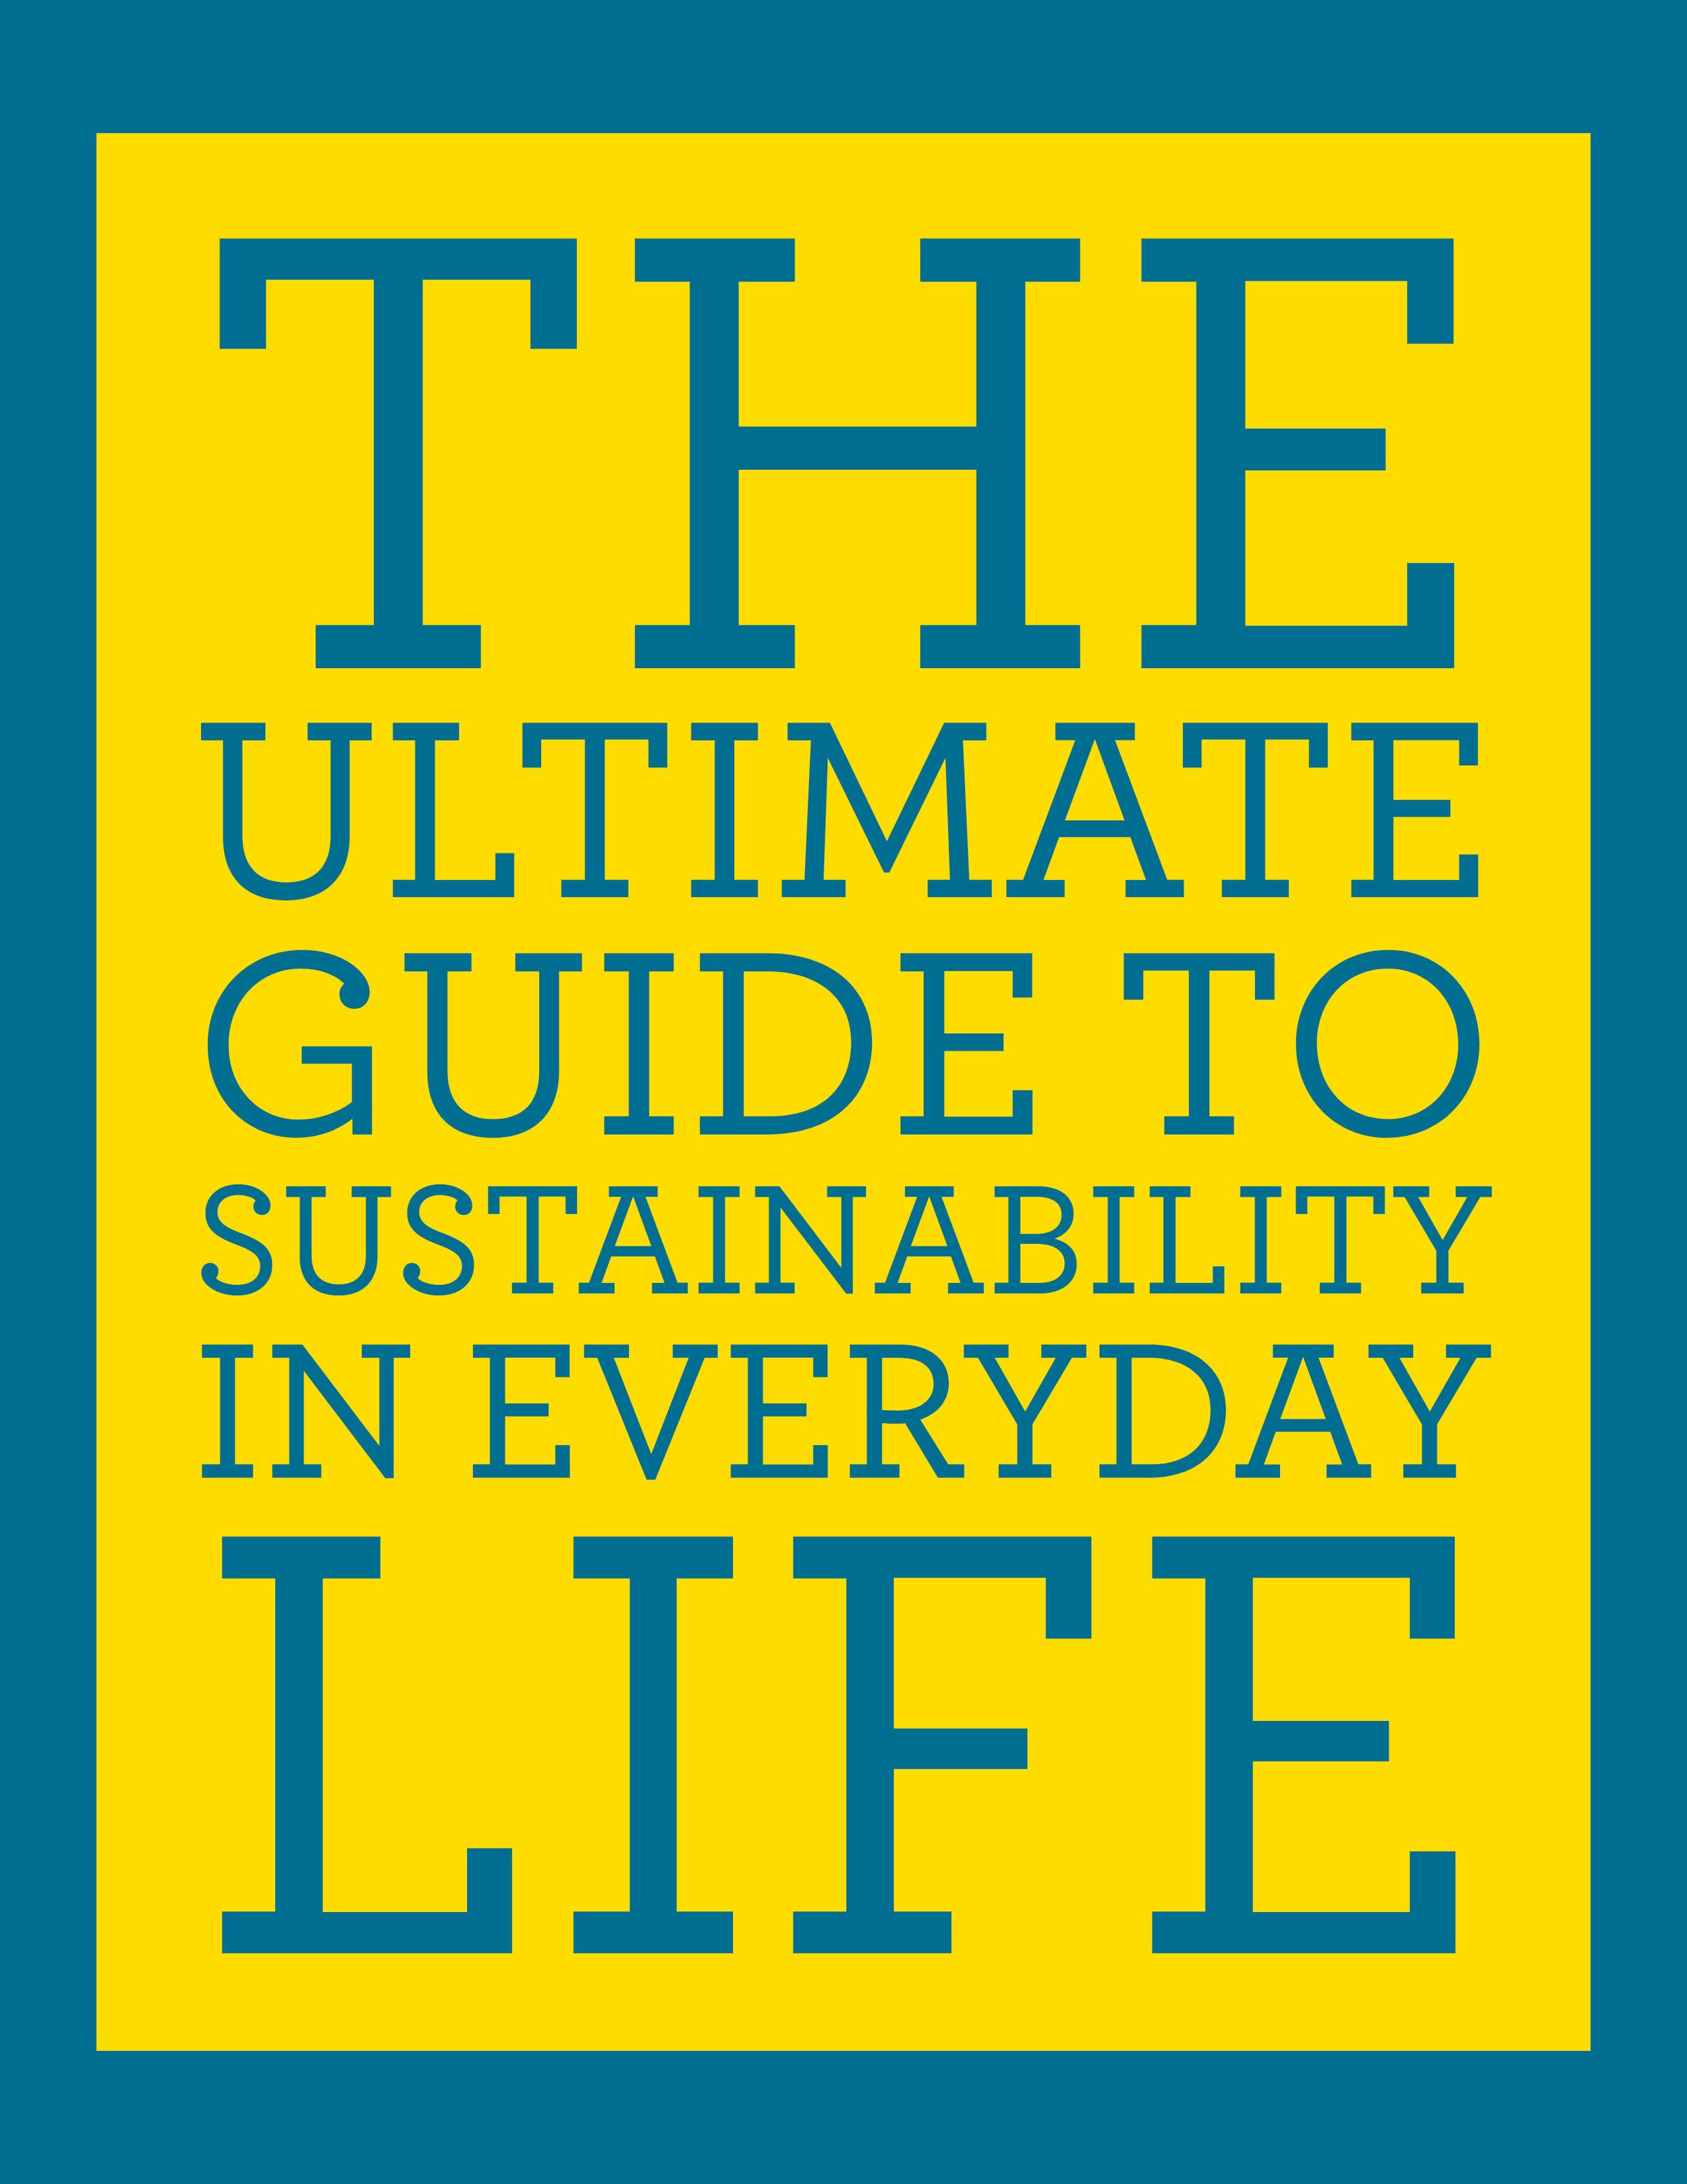 Guide Cover.jpg